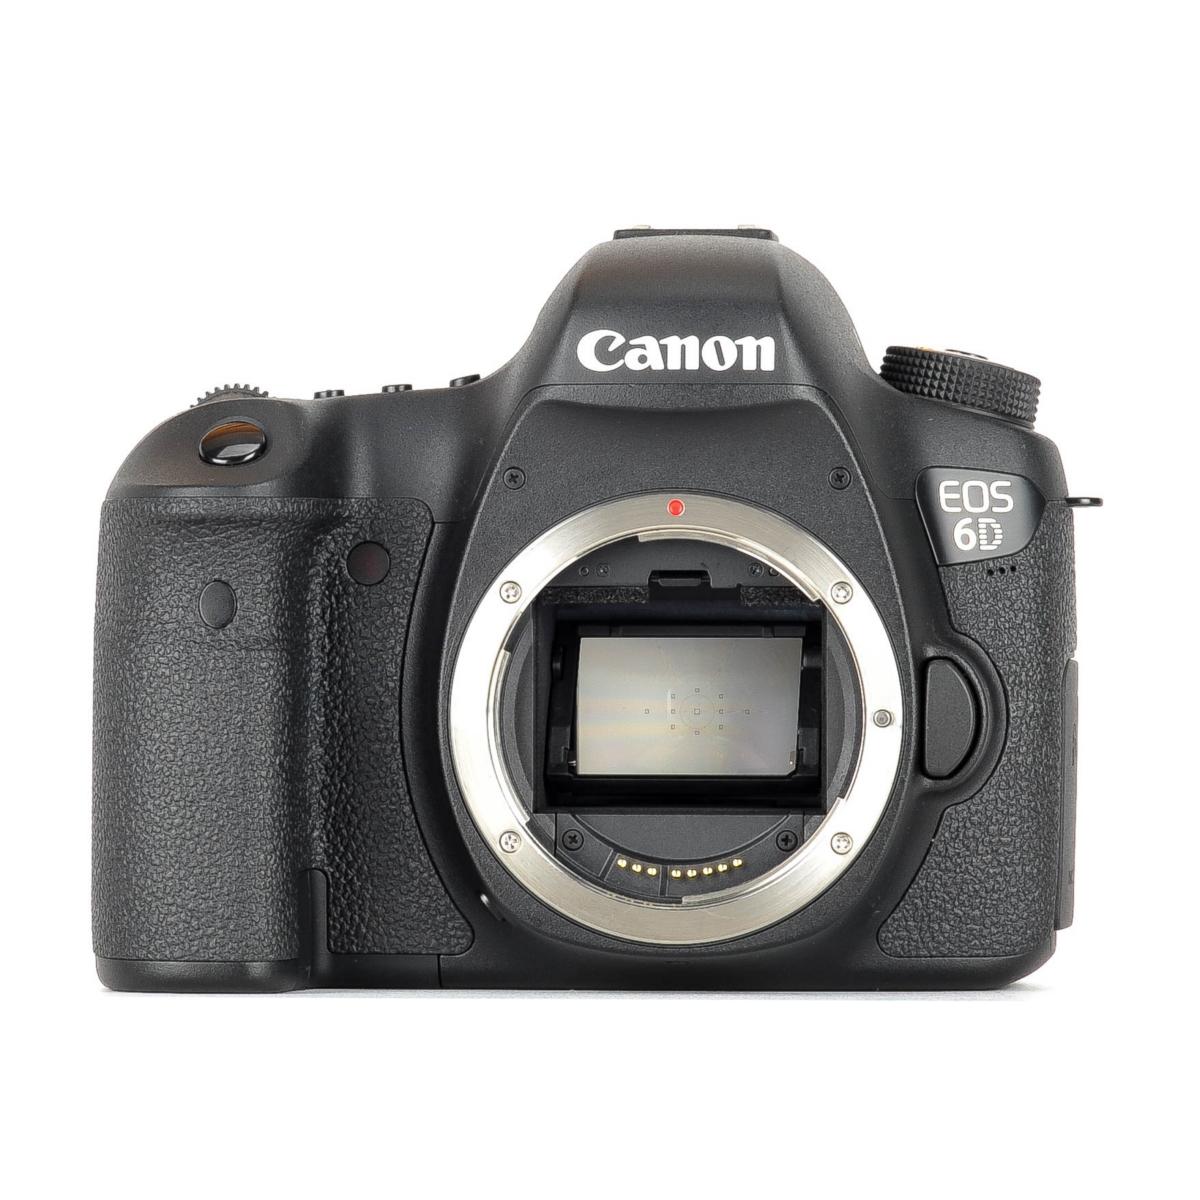 Neues von Canon: Dieses Jahr kommen die beiden Spiegelreflexkameras EOS 800D und EOS 77D auf den Markt!